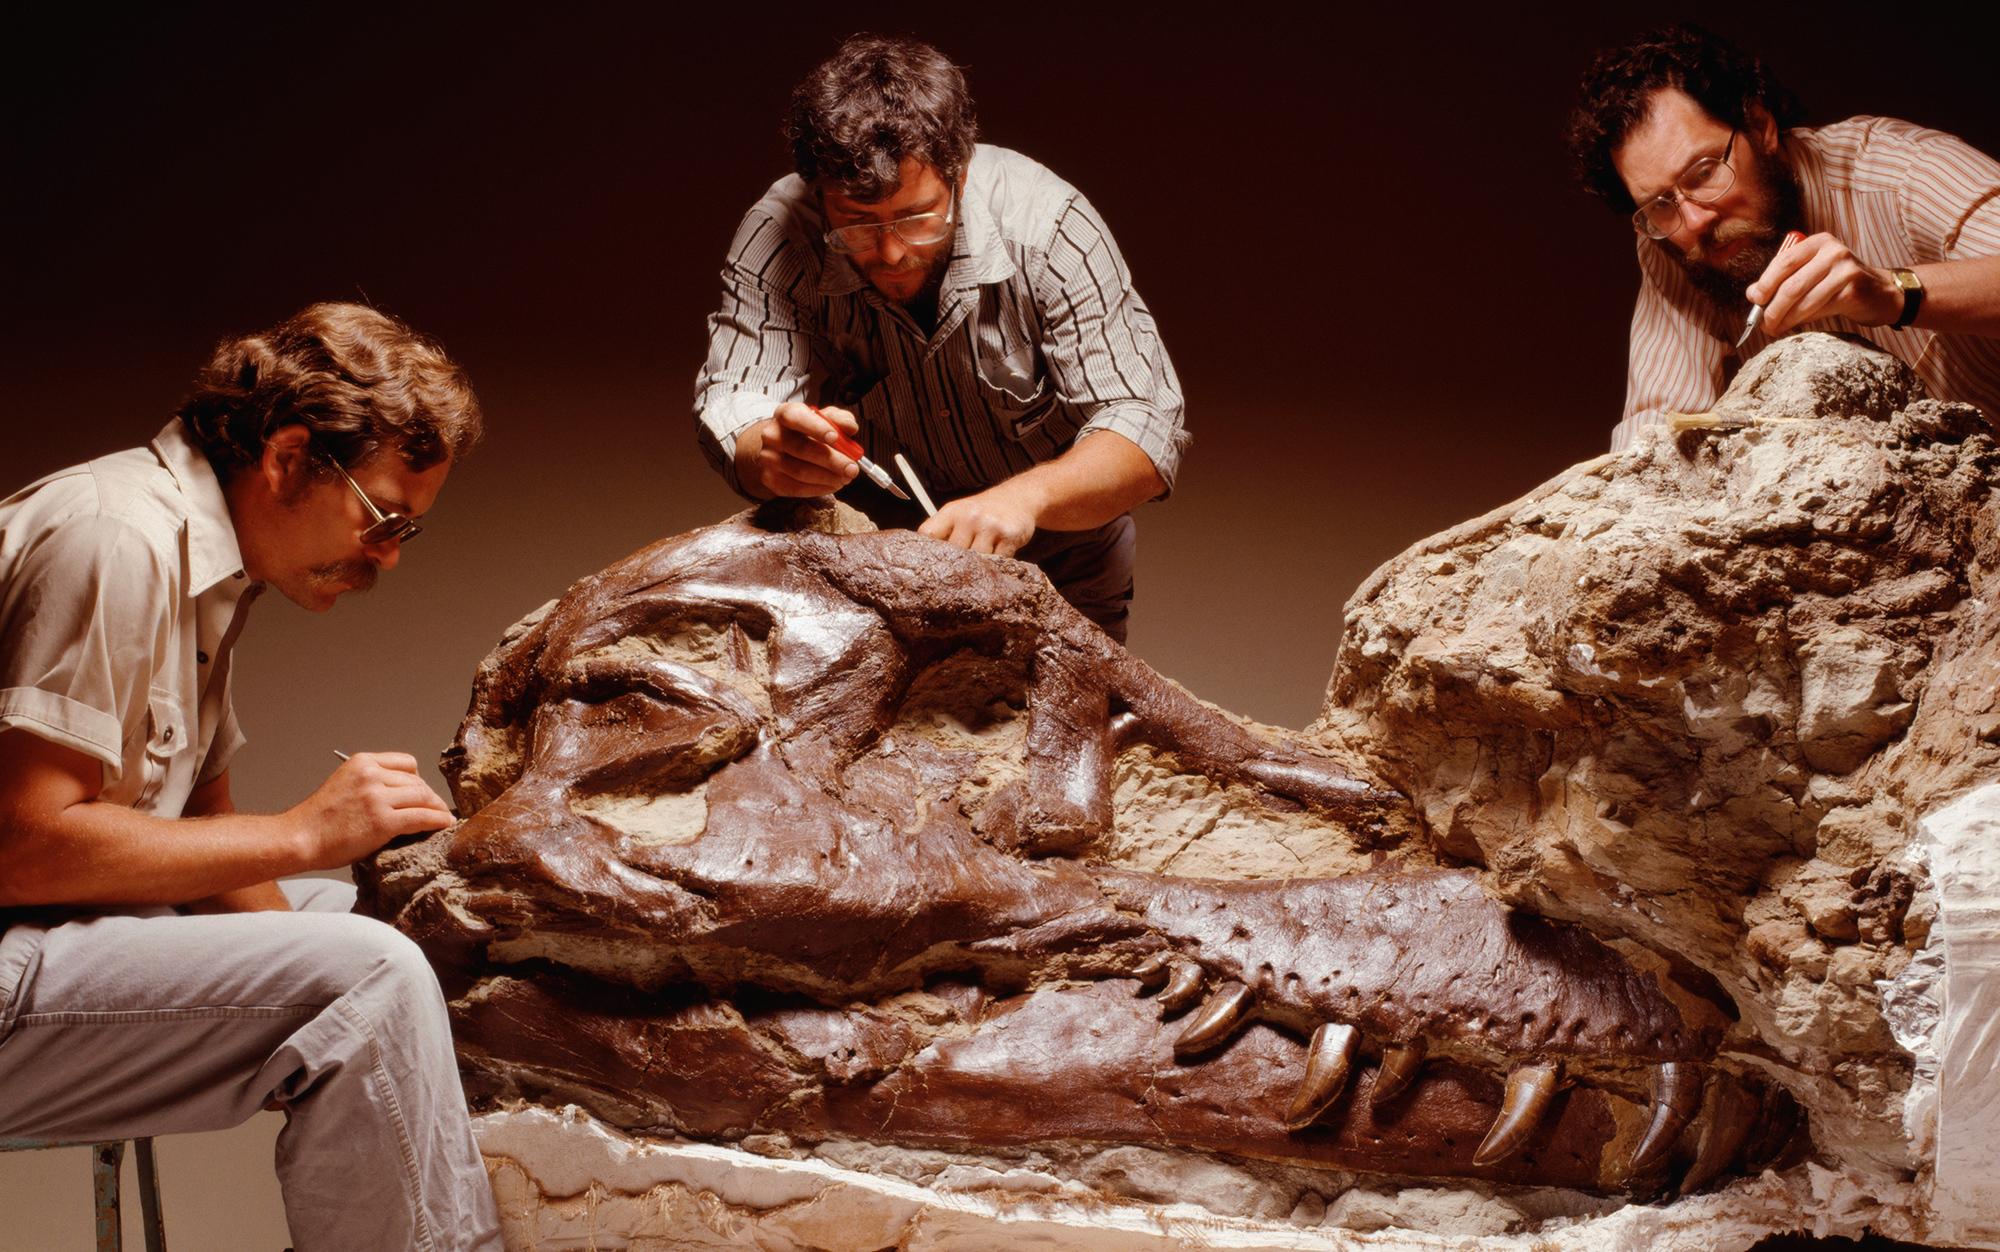 A tyrannosaur of one's own | Aeon